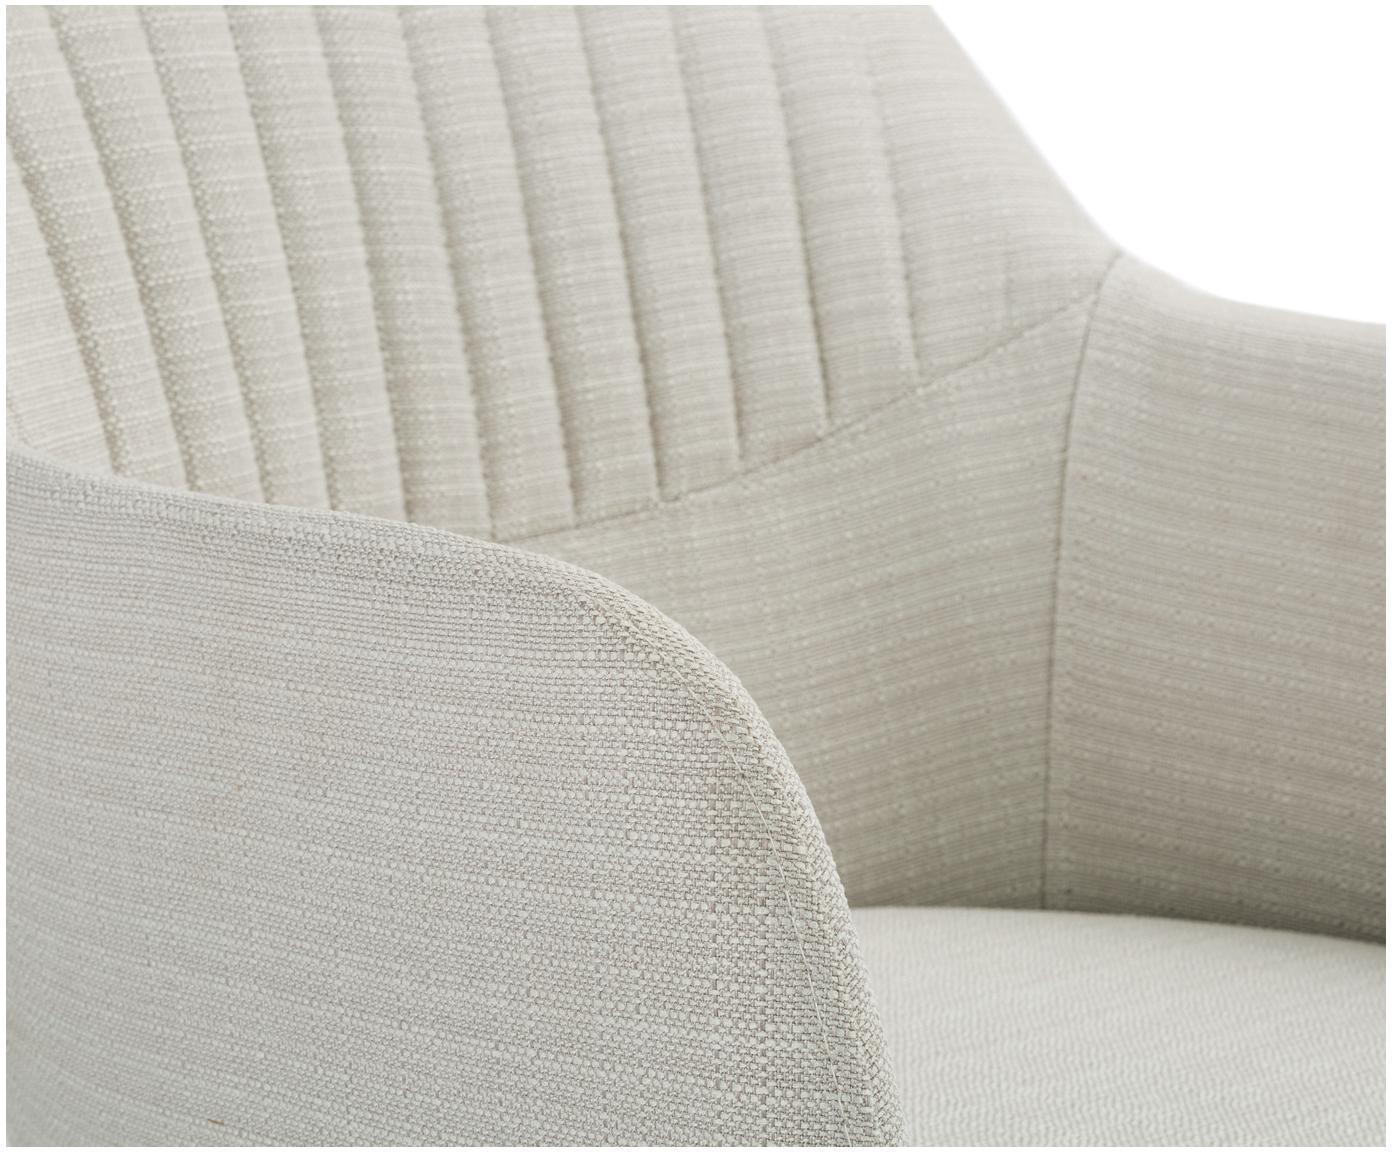 Tapicerowane krzesło obrotowe z podłokietnikami Lola, Tapicerka: poliester, Nogi: metal malowany proszkowo, Kremowobiały, S 55 x G 52 cm